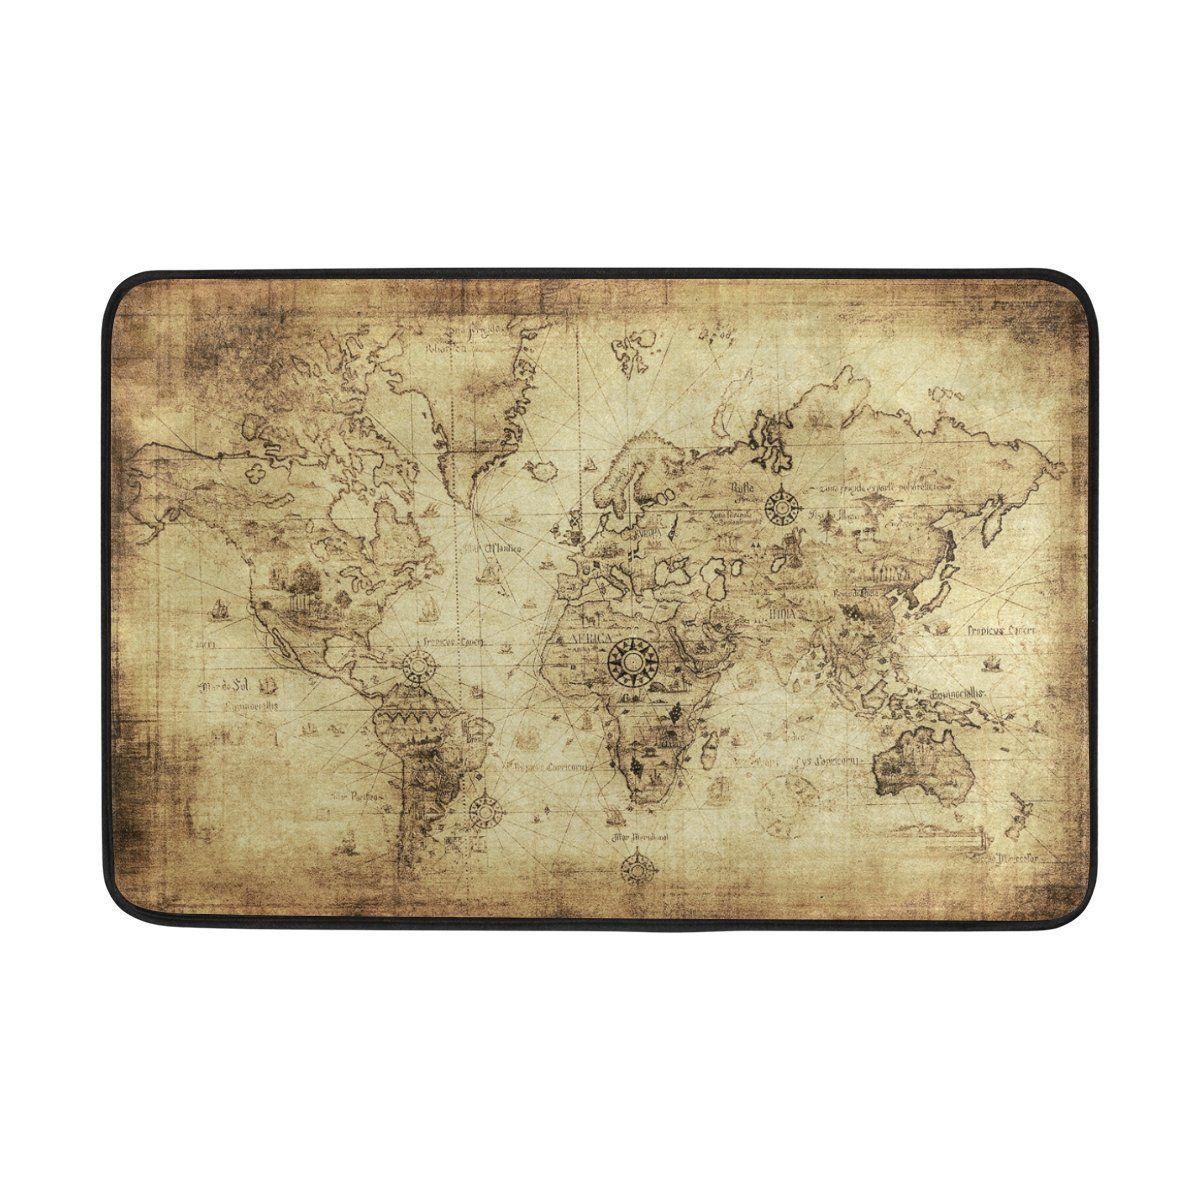 Amazon demonco ancient map of the world door mat rug vintage amazon demonco ancient map of the world door mat rug vintage retro gumiabroncs Gallery